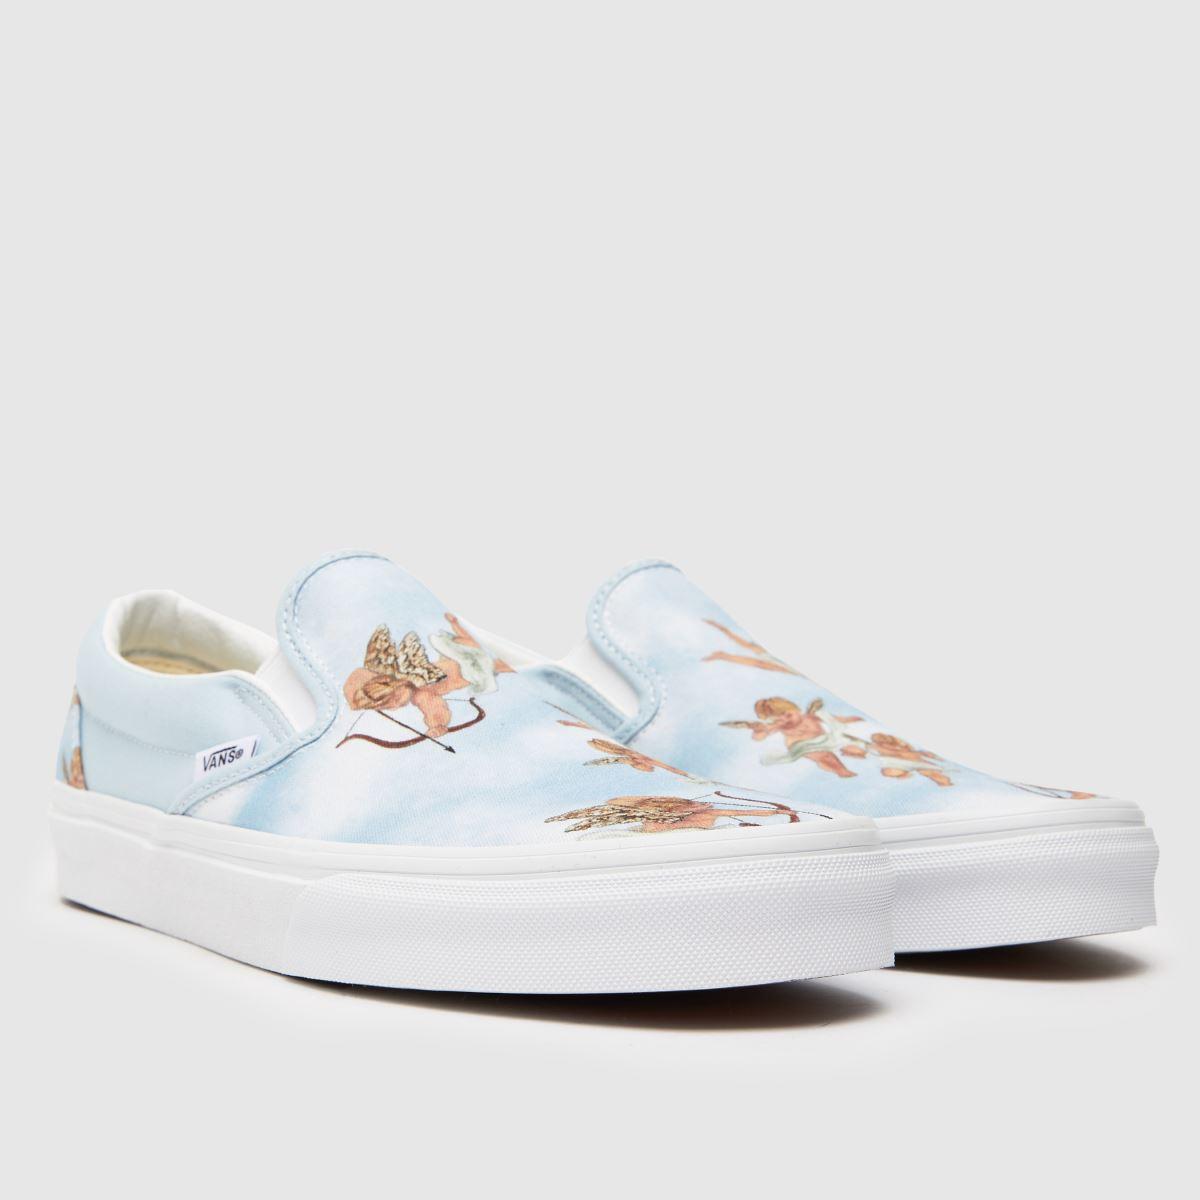 Damen Weiß-hellblau vans Classic Checkerboard Sneaker | schuh Gute Qualität beliebte Schuhe